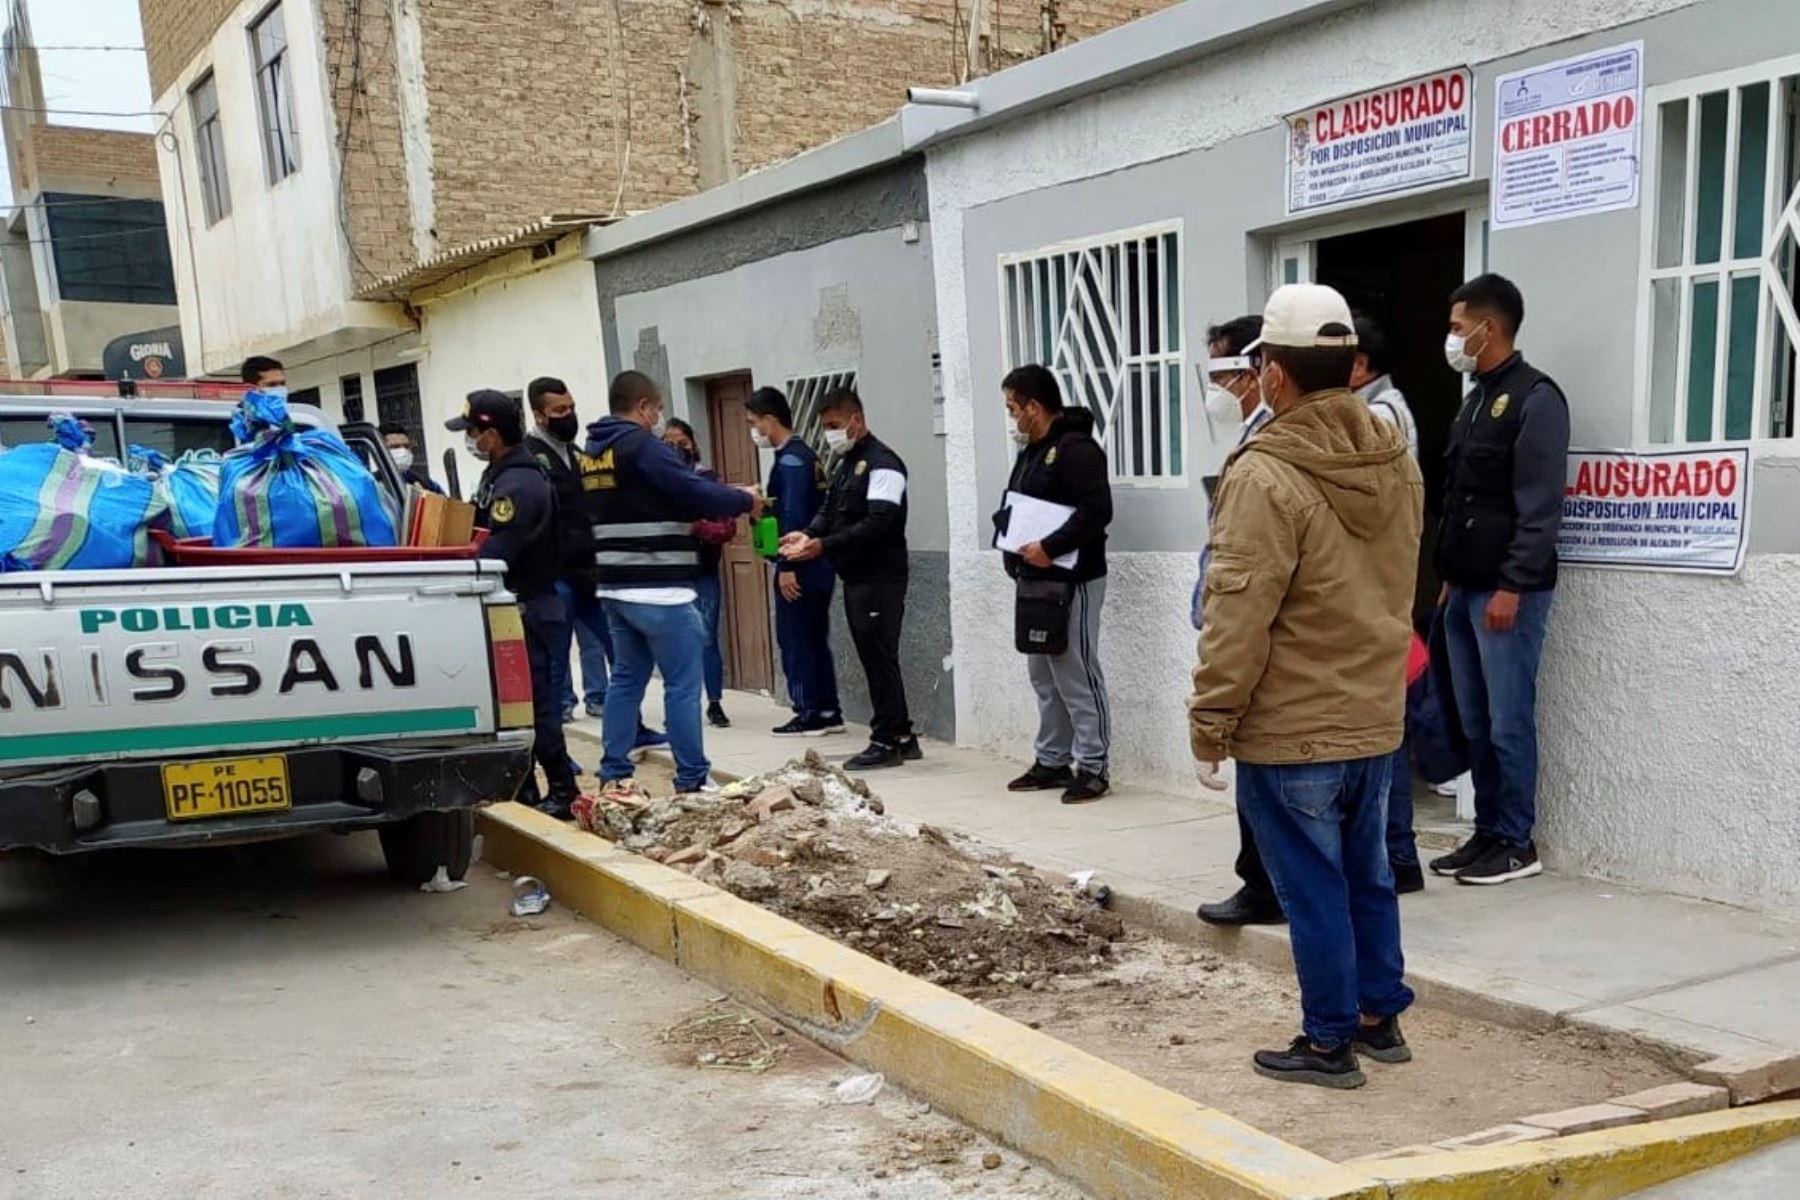 Intervención inopinada en un distrito de Chiclayo culminó con tres detenidos por ejercicio ilegal de la medicina y la incautación de media tonelada de medicamentos vencidos. Foto: ANDINA/Difusión